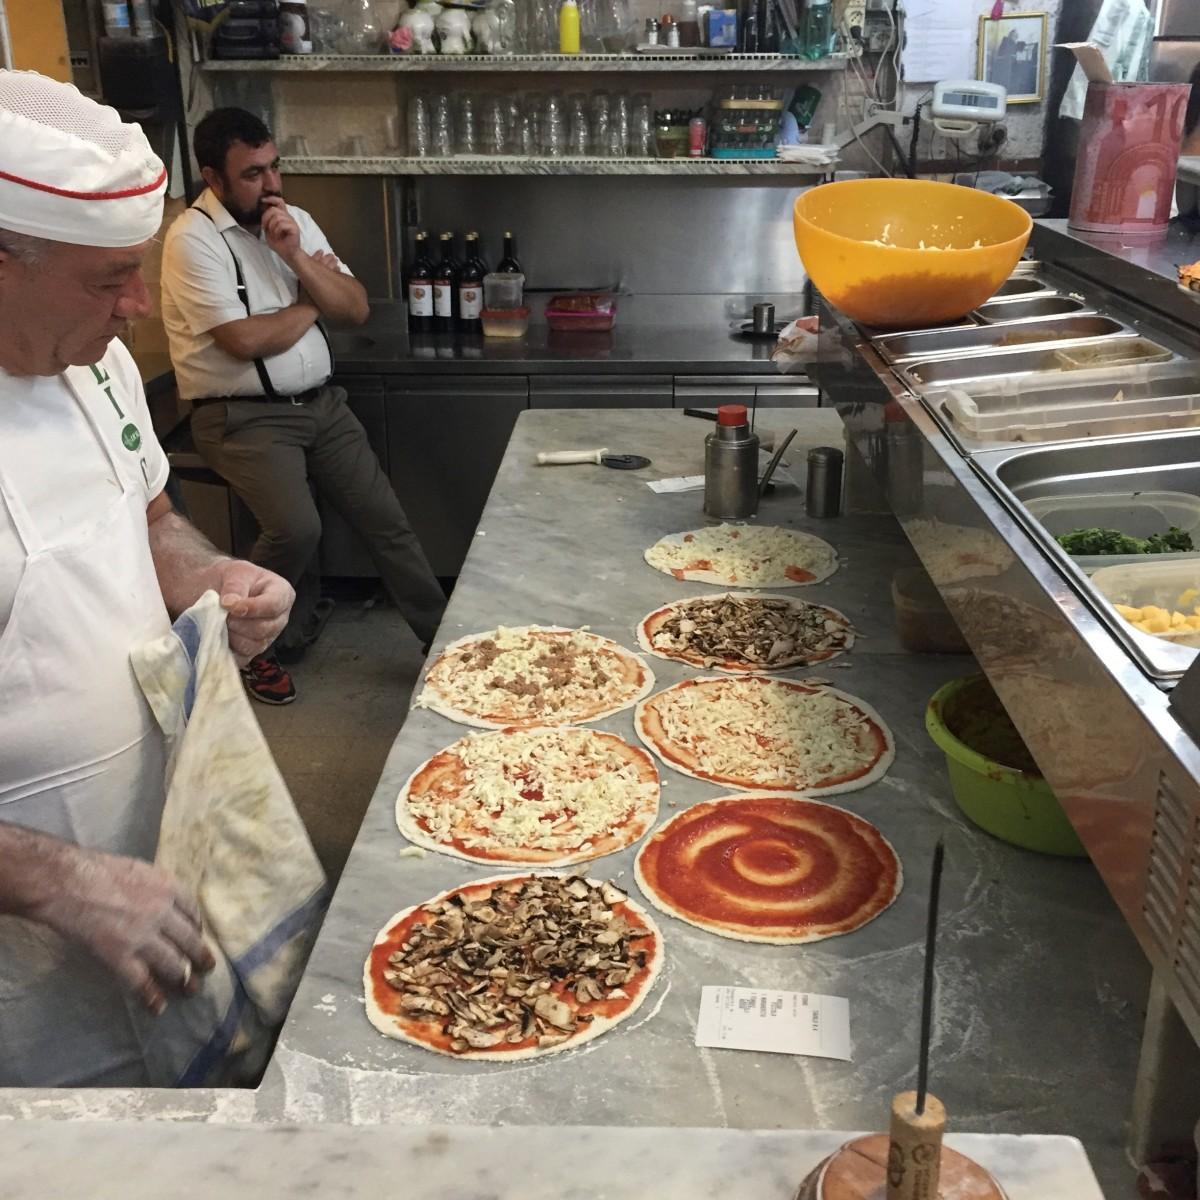 Pizzeria Formula 1